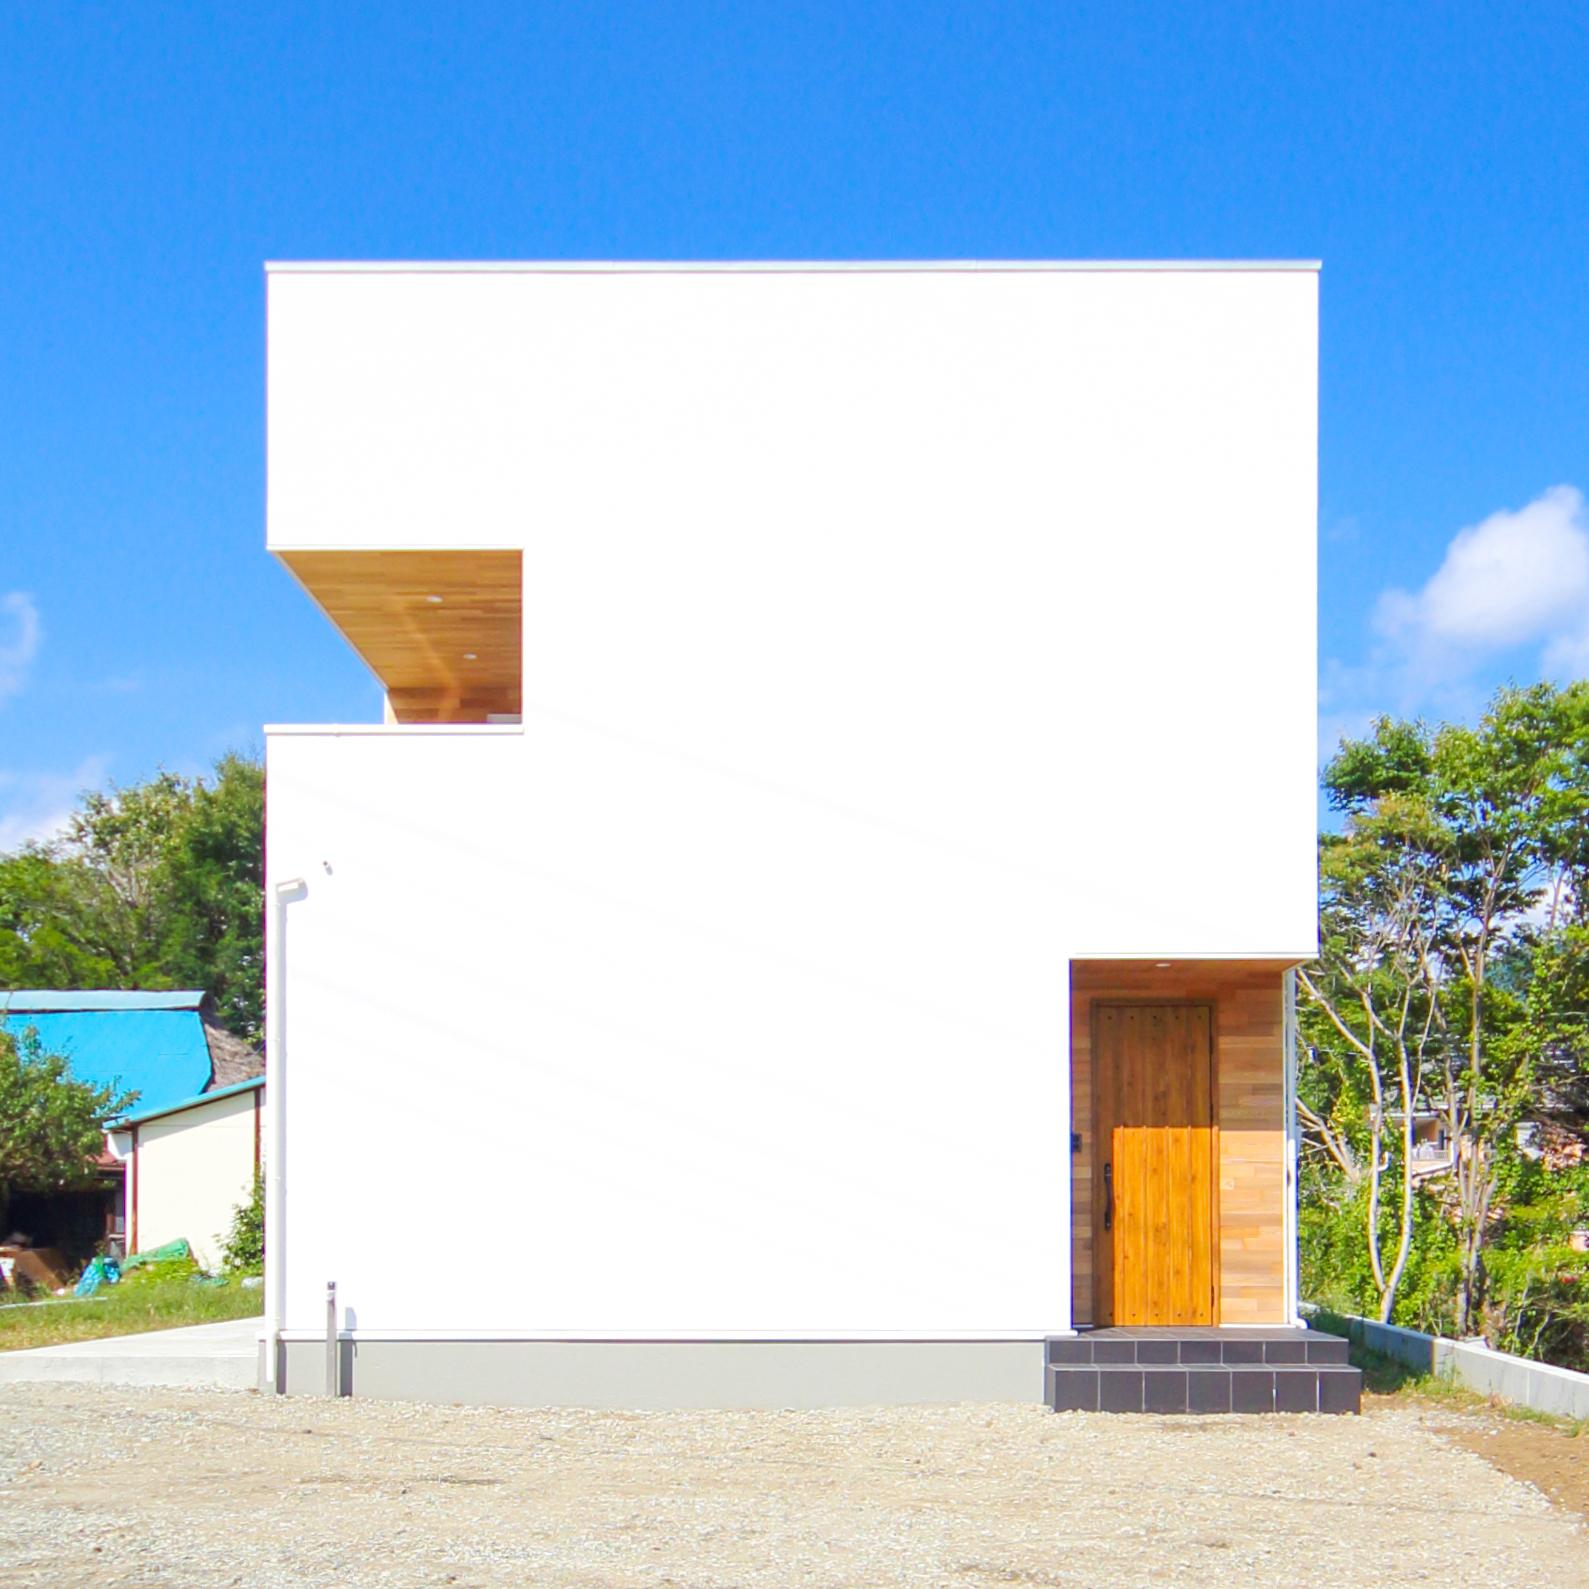 山梨県富士吉田市のおしゃれなお家。シンプルでスタイリッシュな印象の外観。注文住宅ならではのたたずまいです。